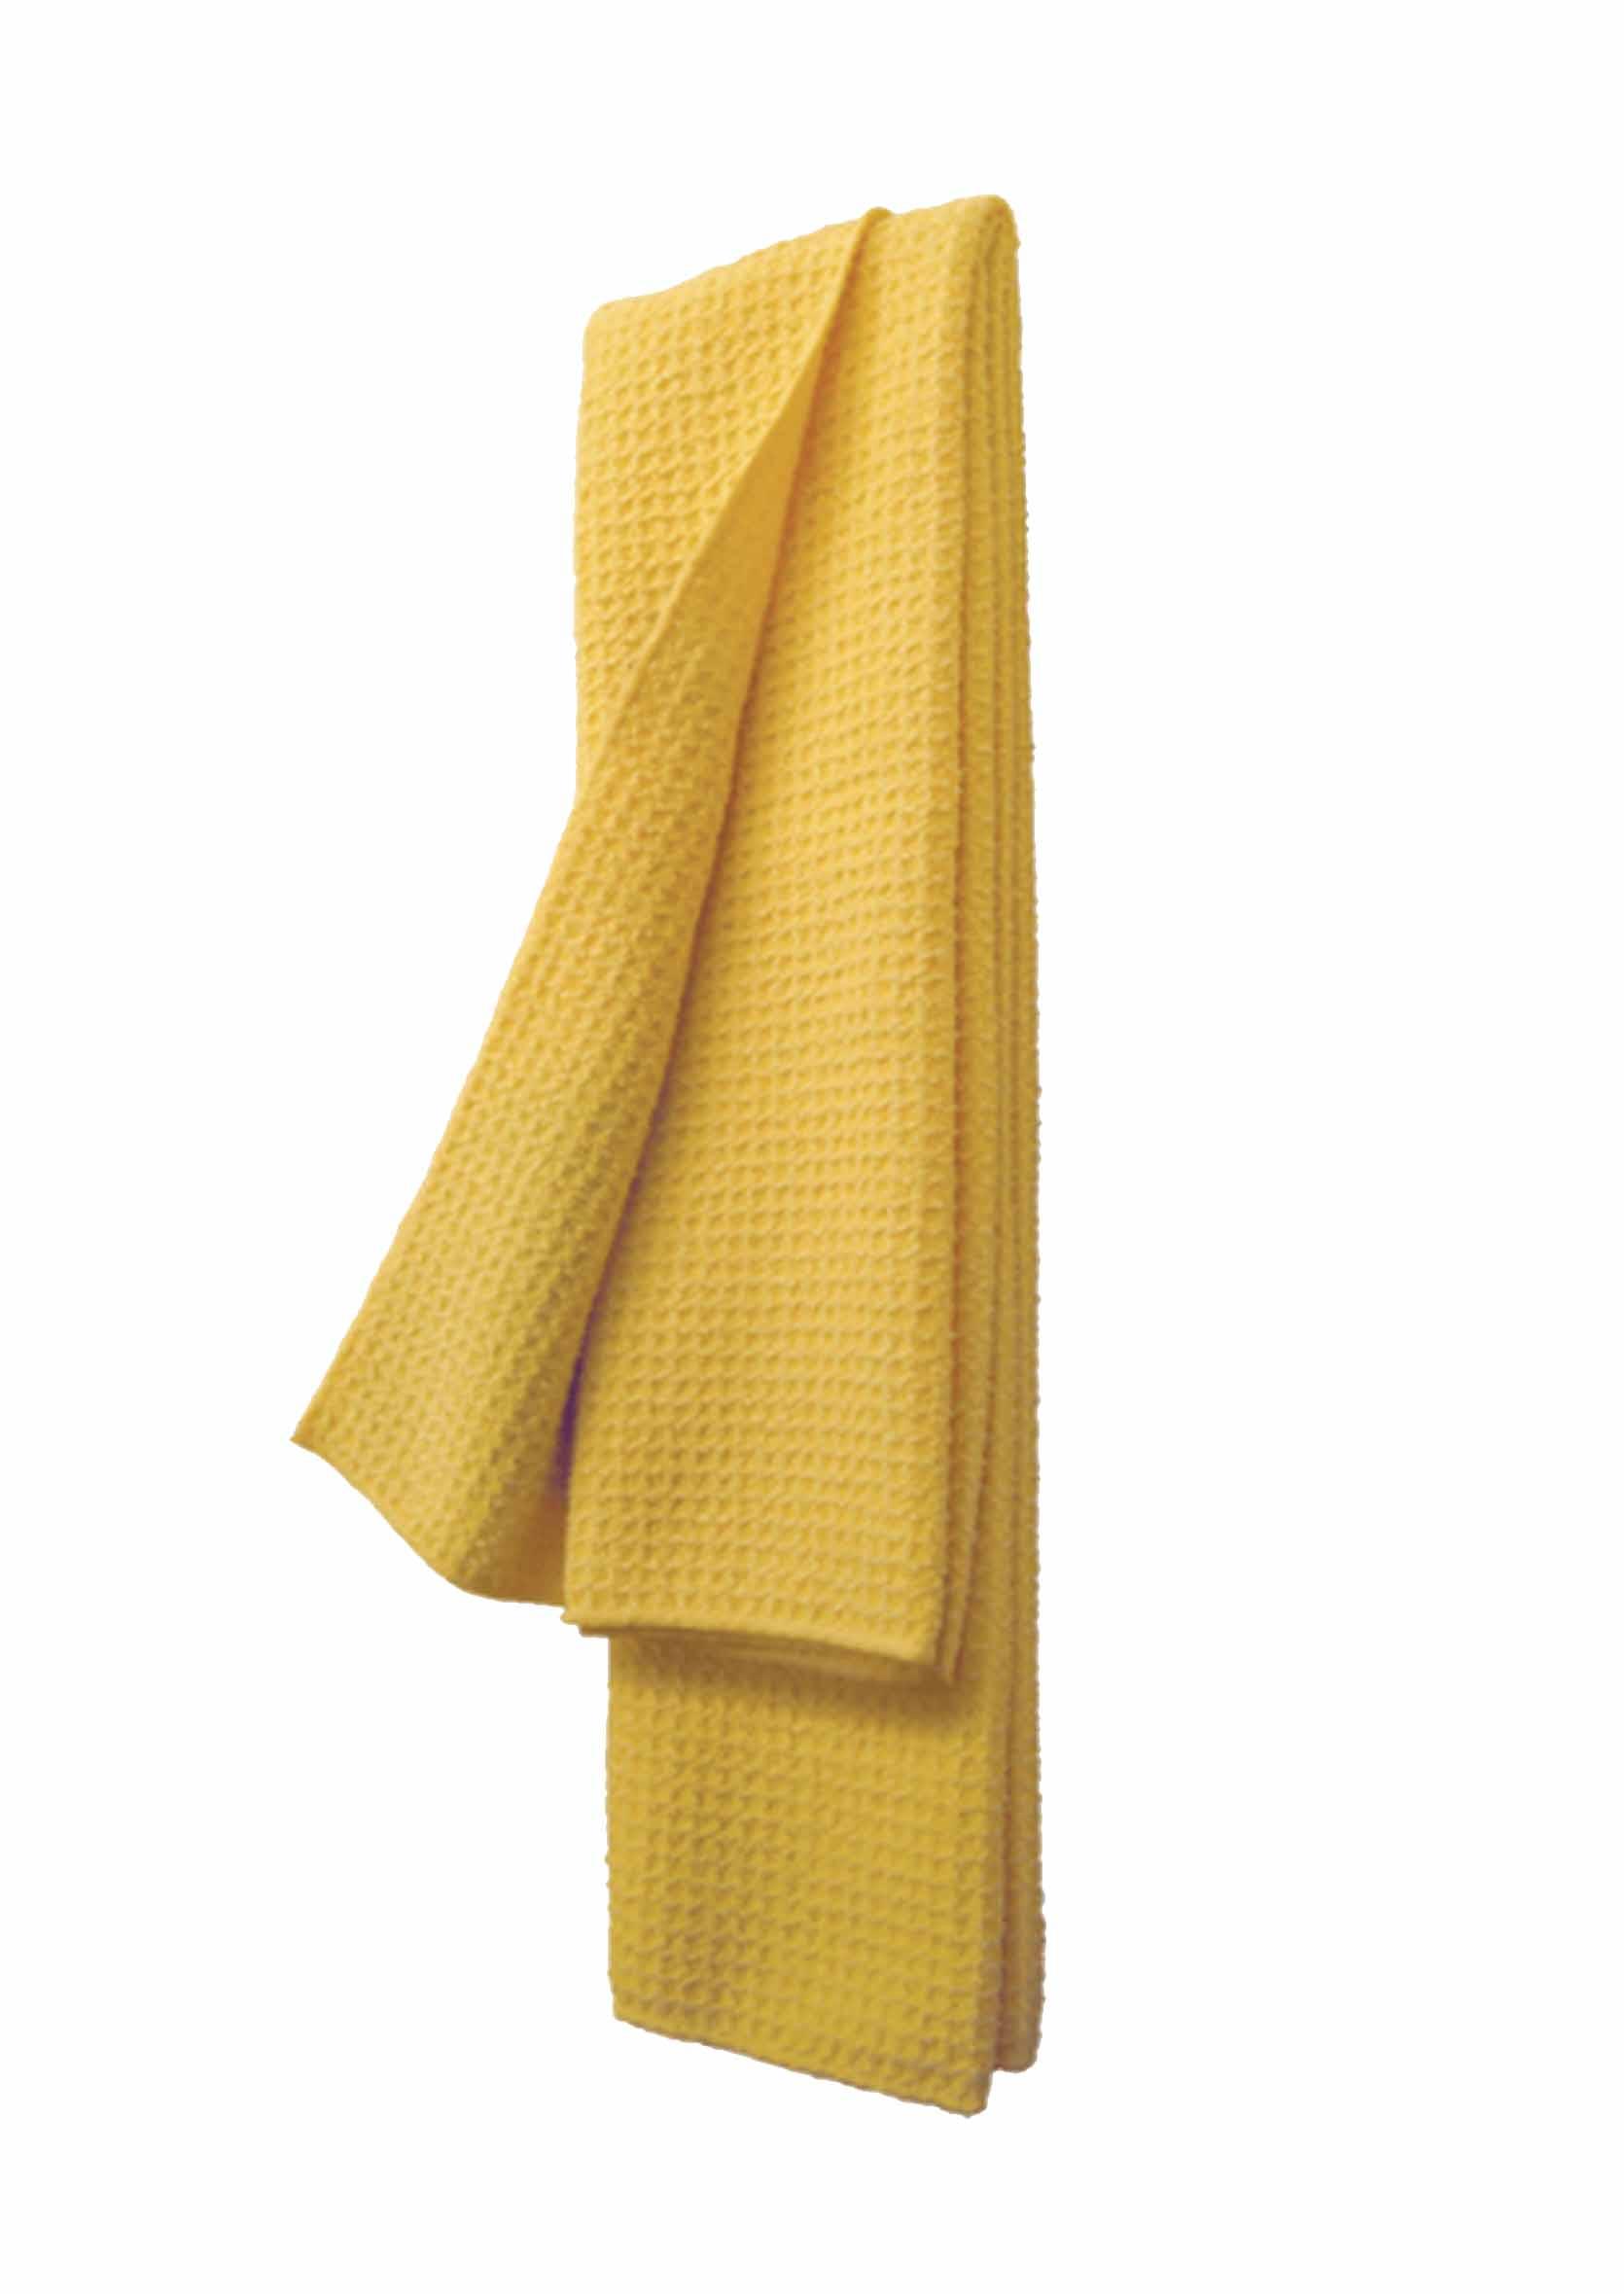 Mikrofibra do Osuszania Karoserii Samochodu Meguiars Water Magnet Drying Towel 55x76 cm